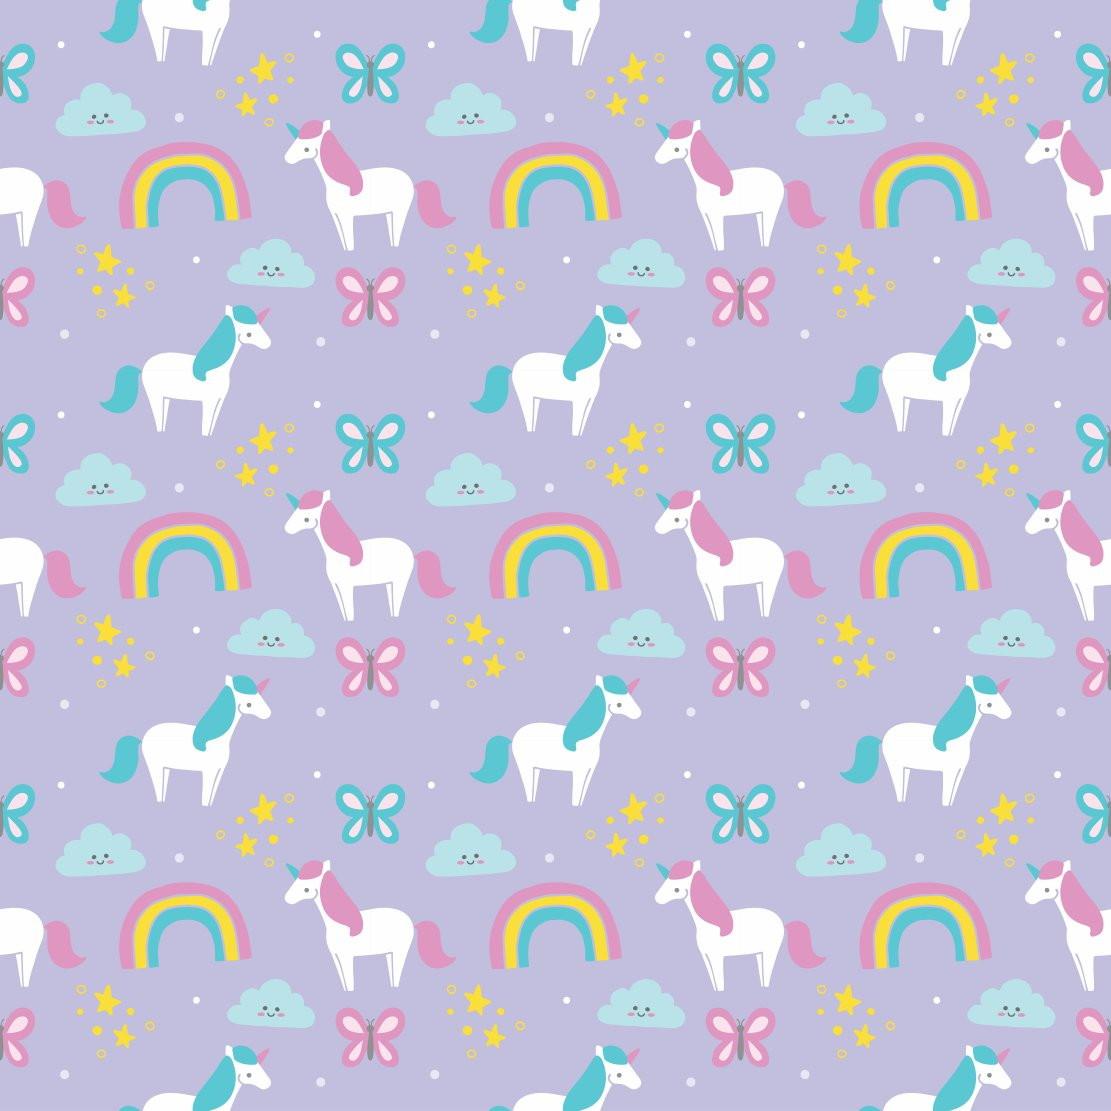 Papel Parede Infantil Unicornio Digital